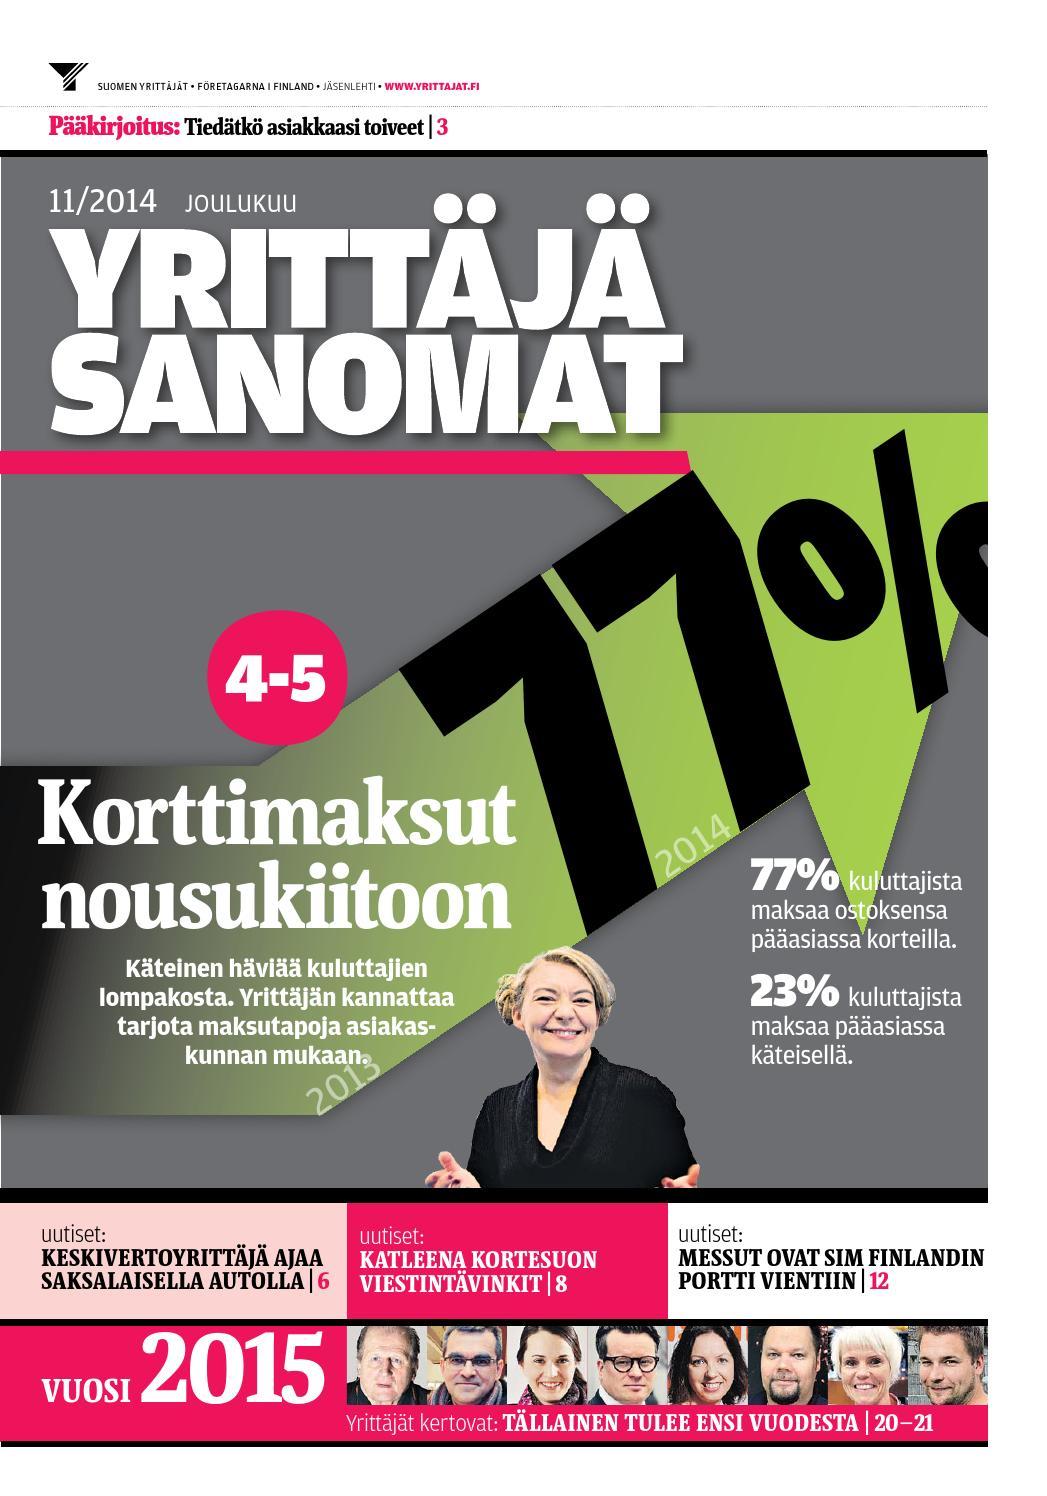 Yrittäjäsanomat 11 2014 by Suomen Yrittäjät - issuu 6b09ca4a8f